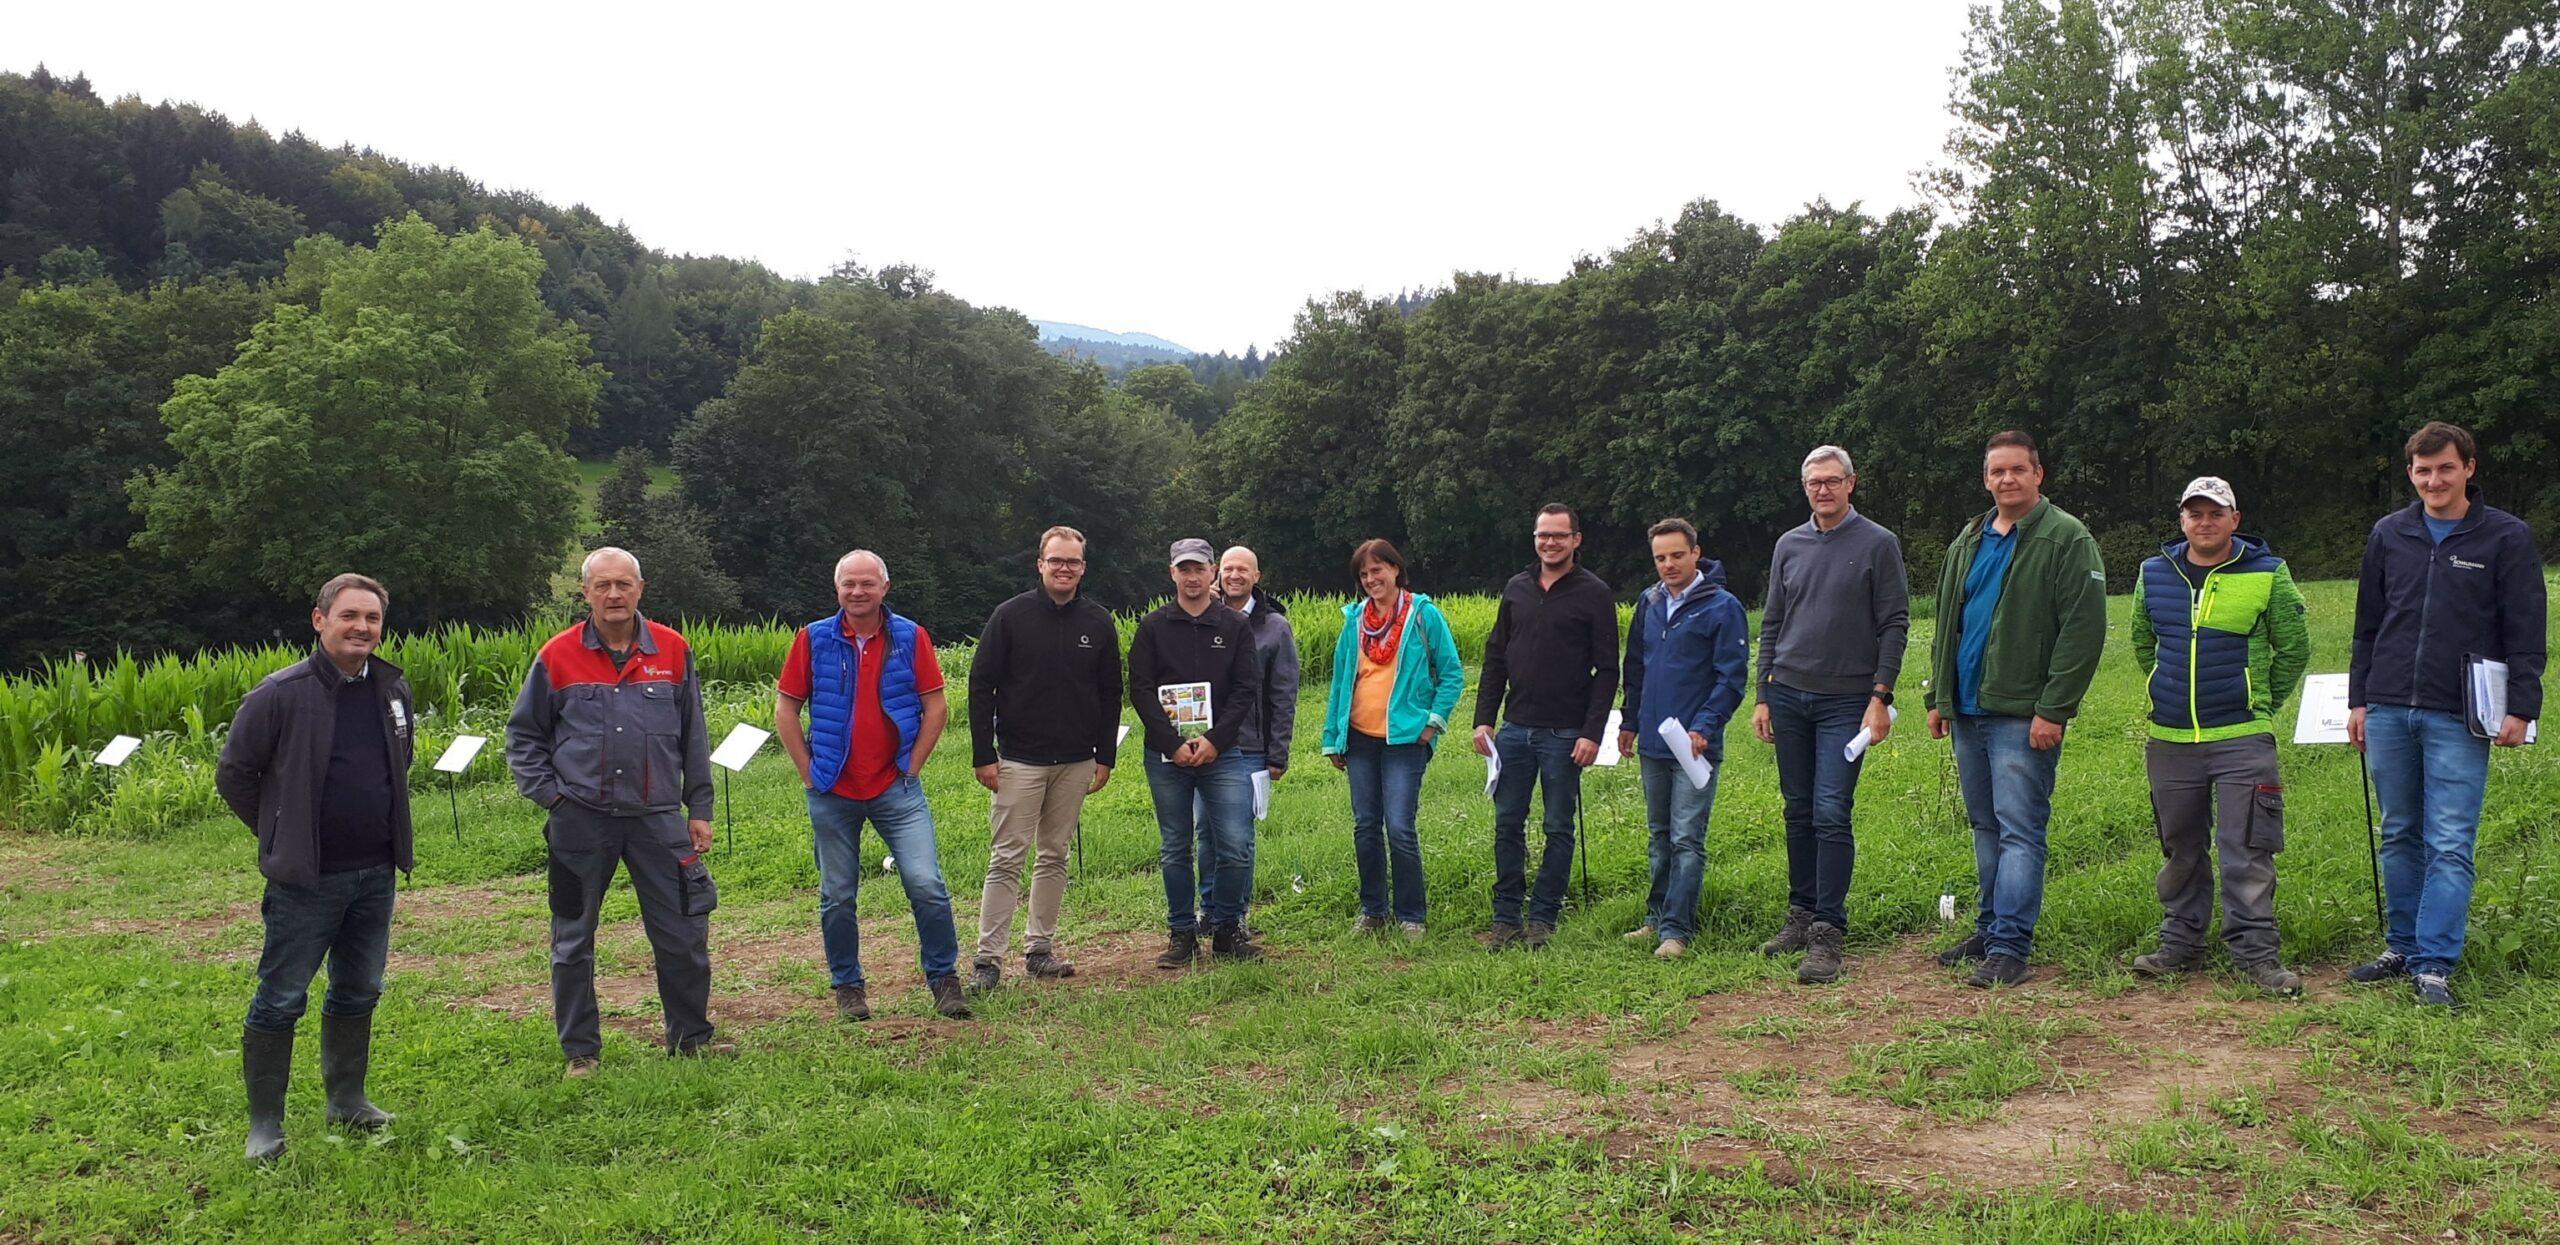 Die heimischen Saatgutfirmen und Vertreter der NÖ und OÖ Landwirtschaftskammer haben den Versuch interessiert besichtigt.